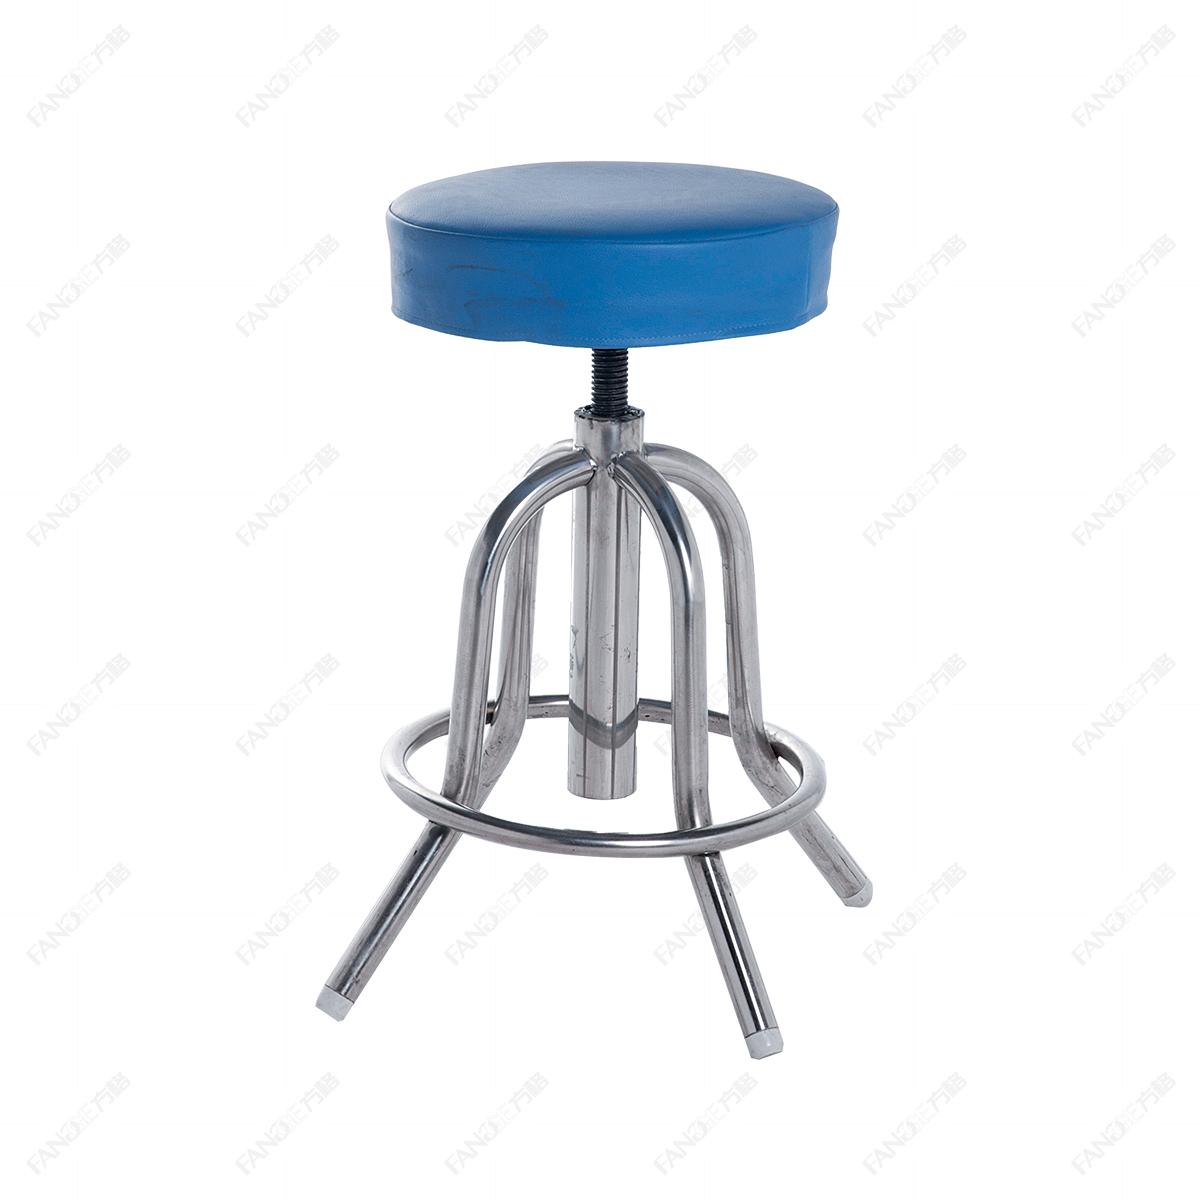 E05不锈钢手术圆凳